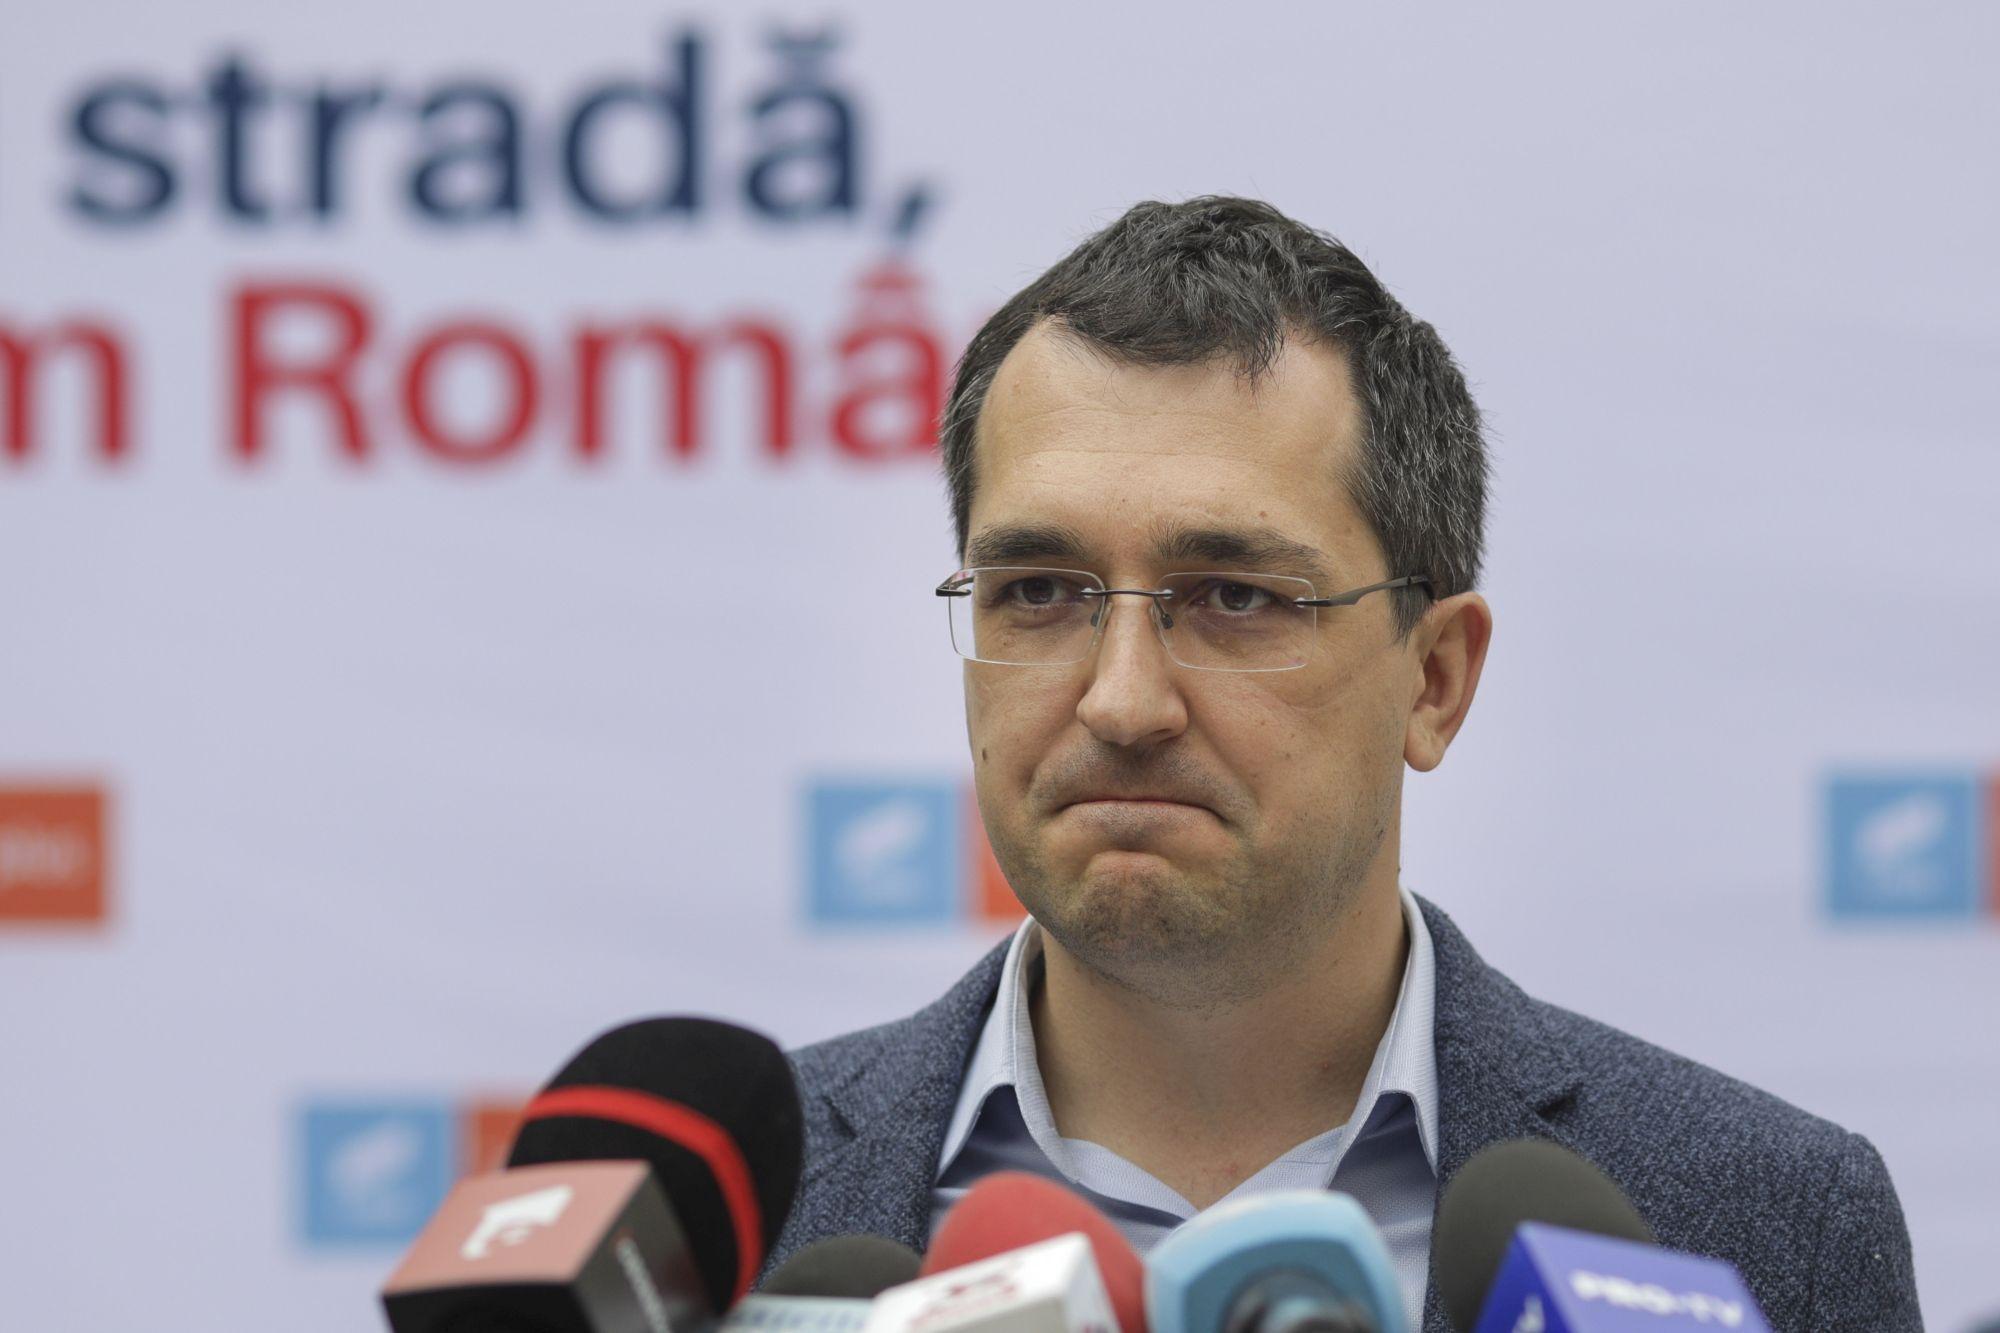 """Ministerul Sănătăţii îi cere lui Vlad Vasile Voiculescu """"să înceteze diseminarea informaţiilor false în spaţiul public"""""""